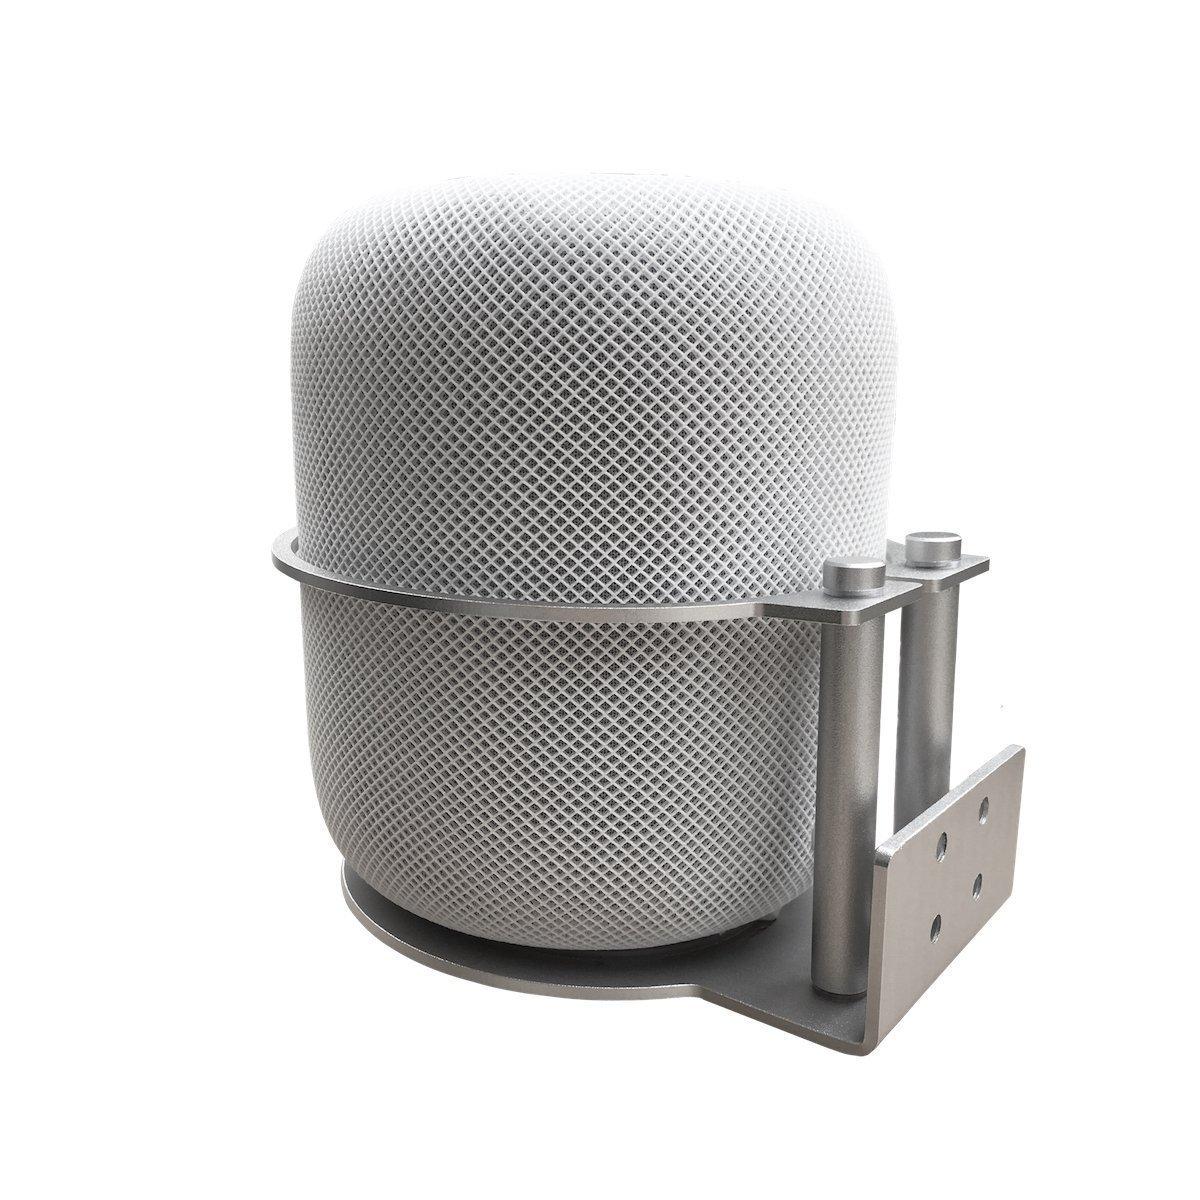 Staffa di montaggio portatile per montaggio a parete in alluminio portatile MERES per diffusori Apple HomePod (Argento) IT GSM MEHPM1